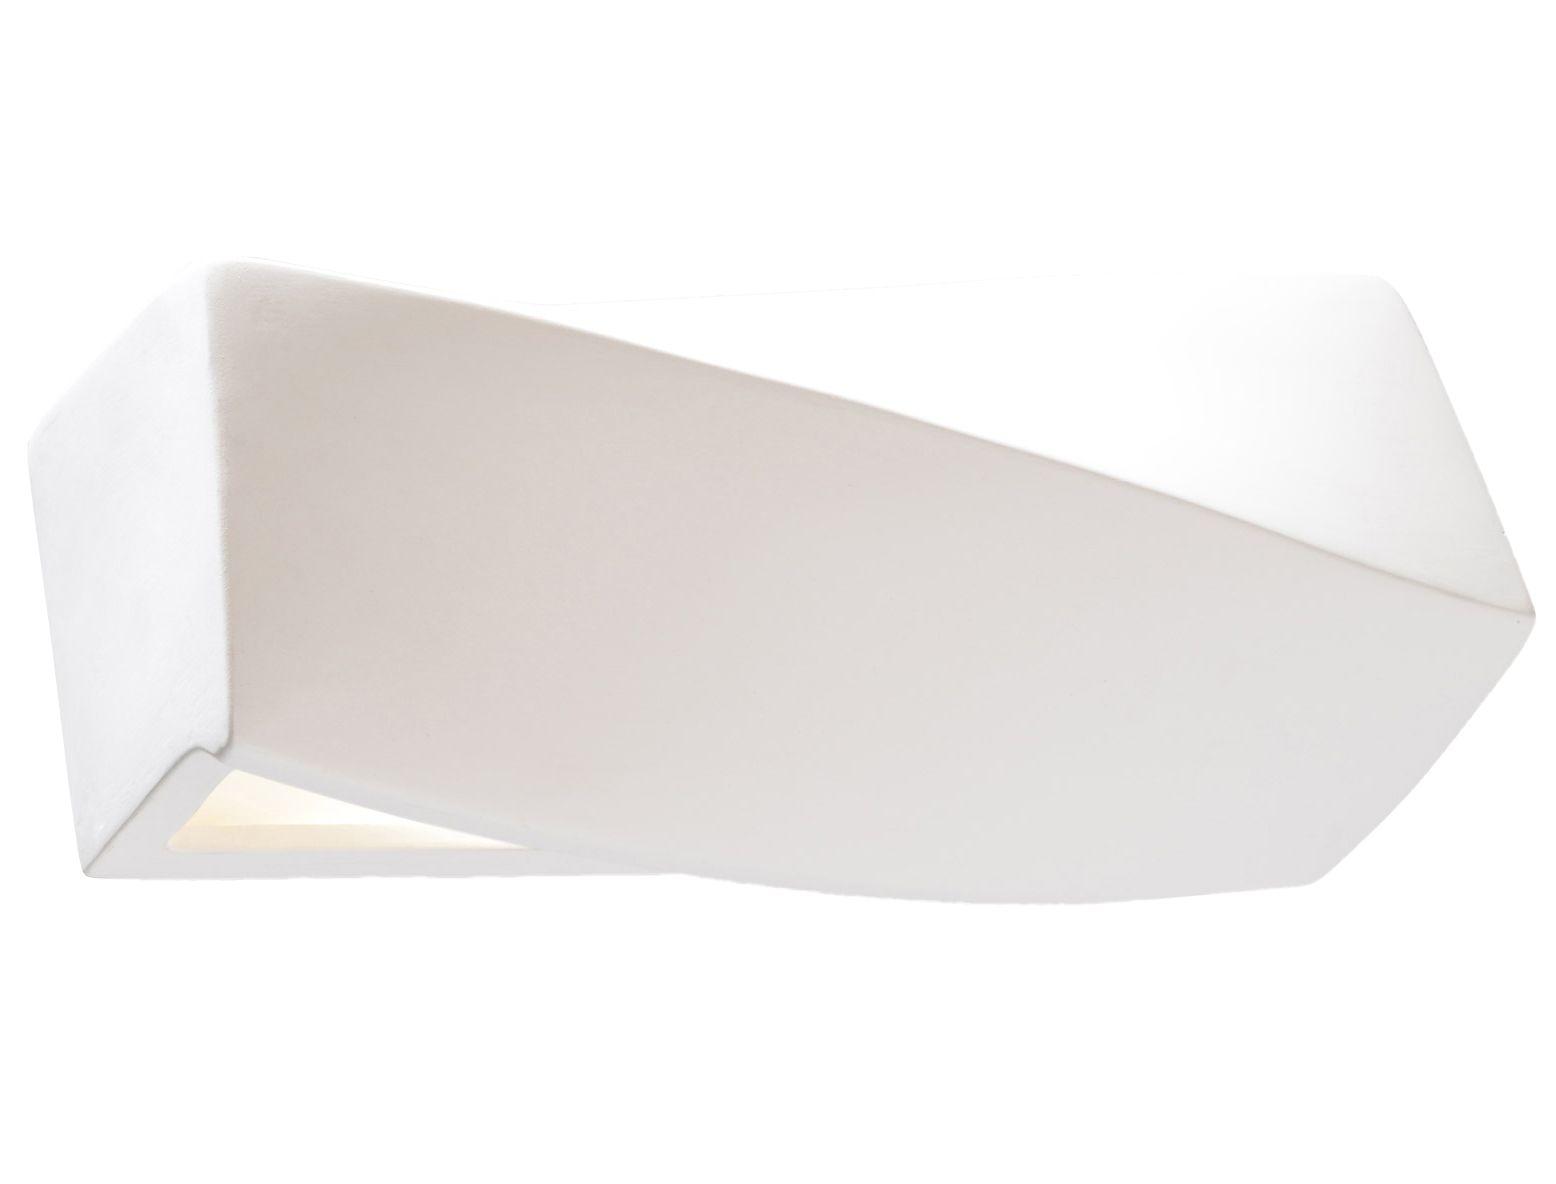 Seinalamp keraamiline SIGMA MINI